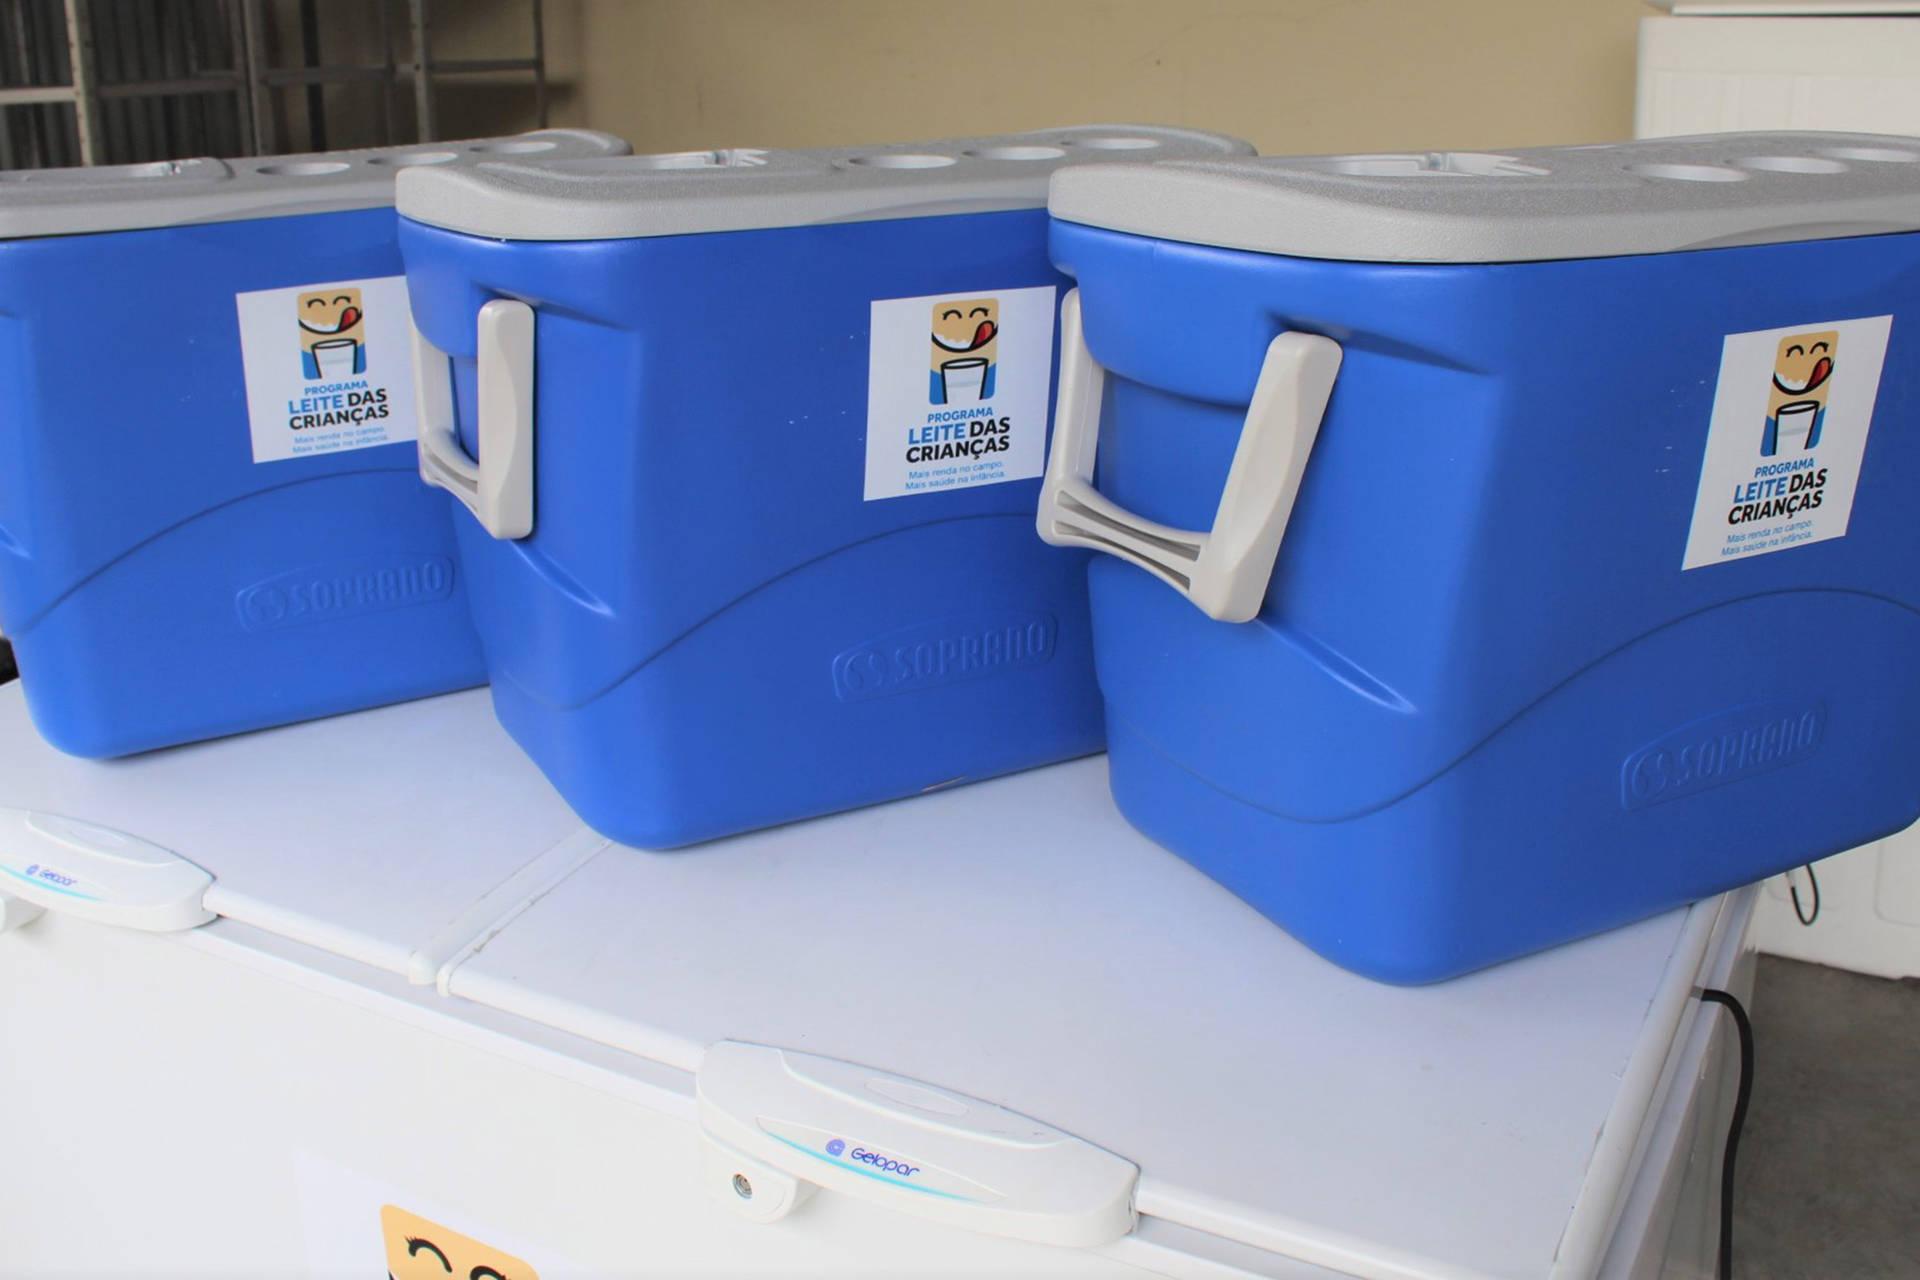 A Secretaria adquiriu os utensílios por meio de pregão eletrônico. Até esta segunda-feira (17) está aberto o edital de cadastramento no Programa para usinas de leite